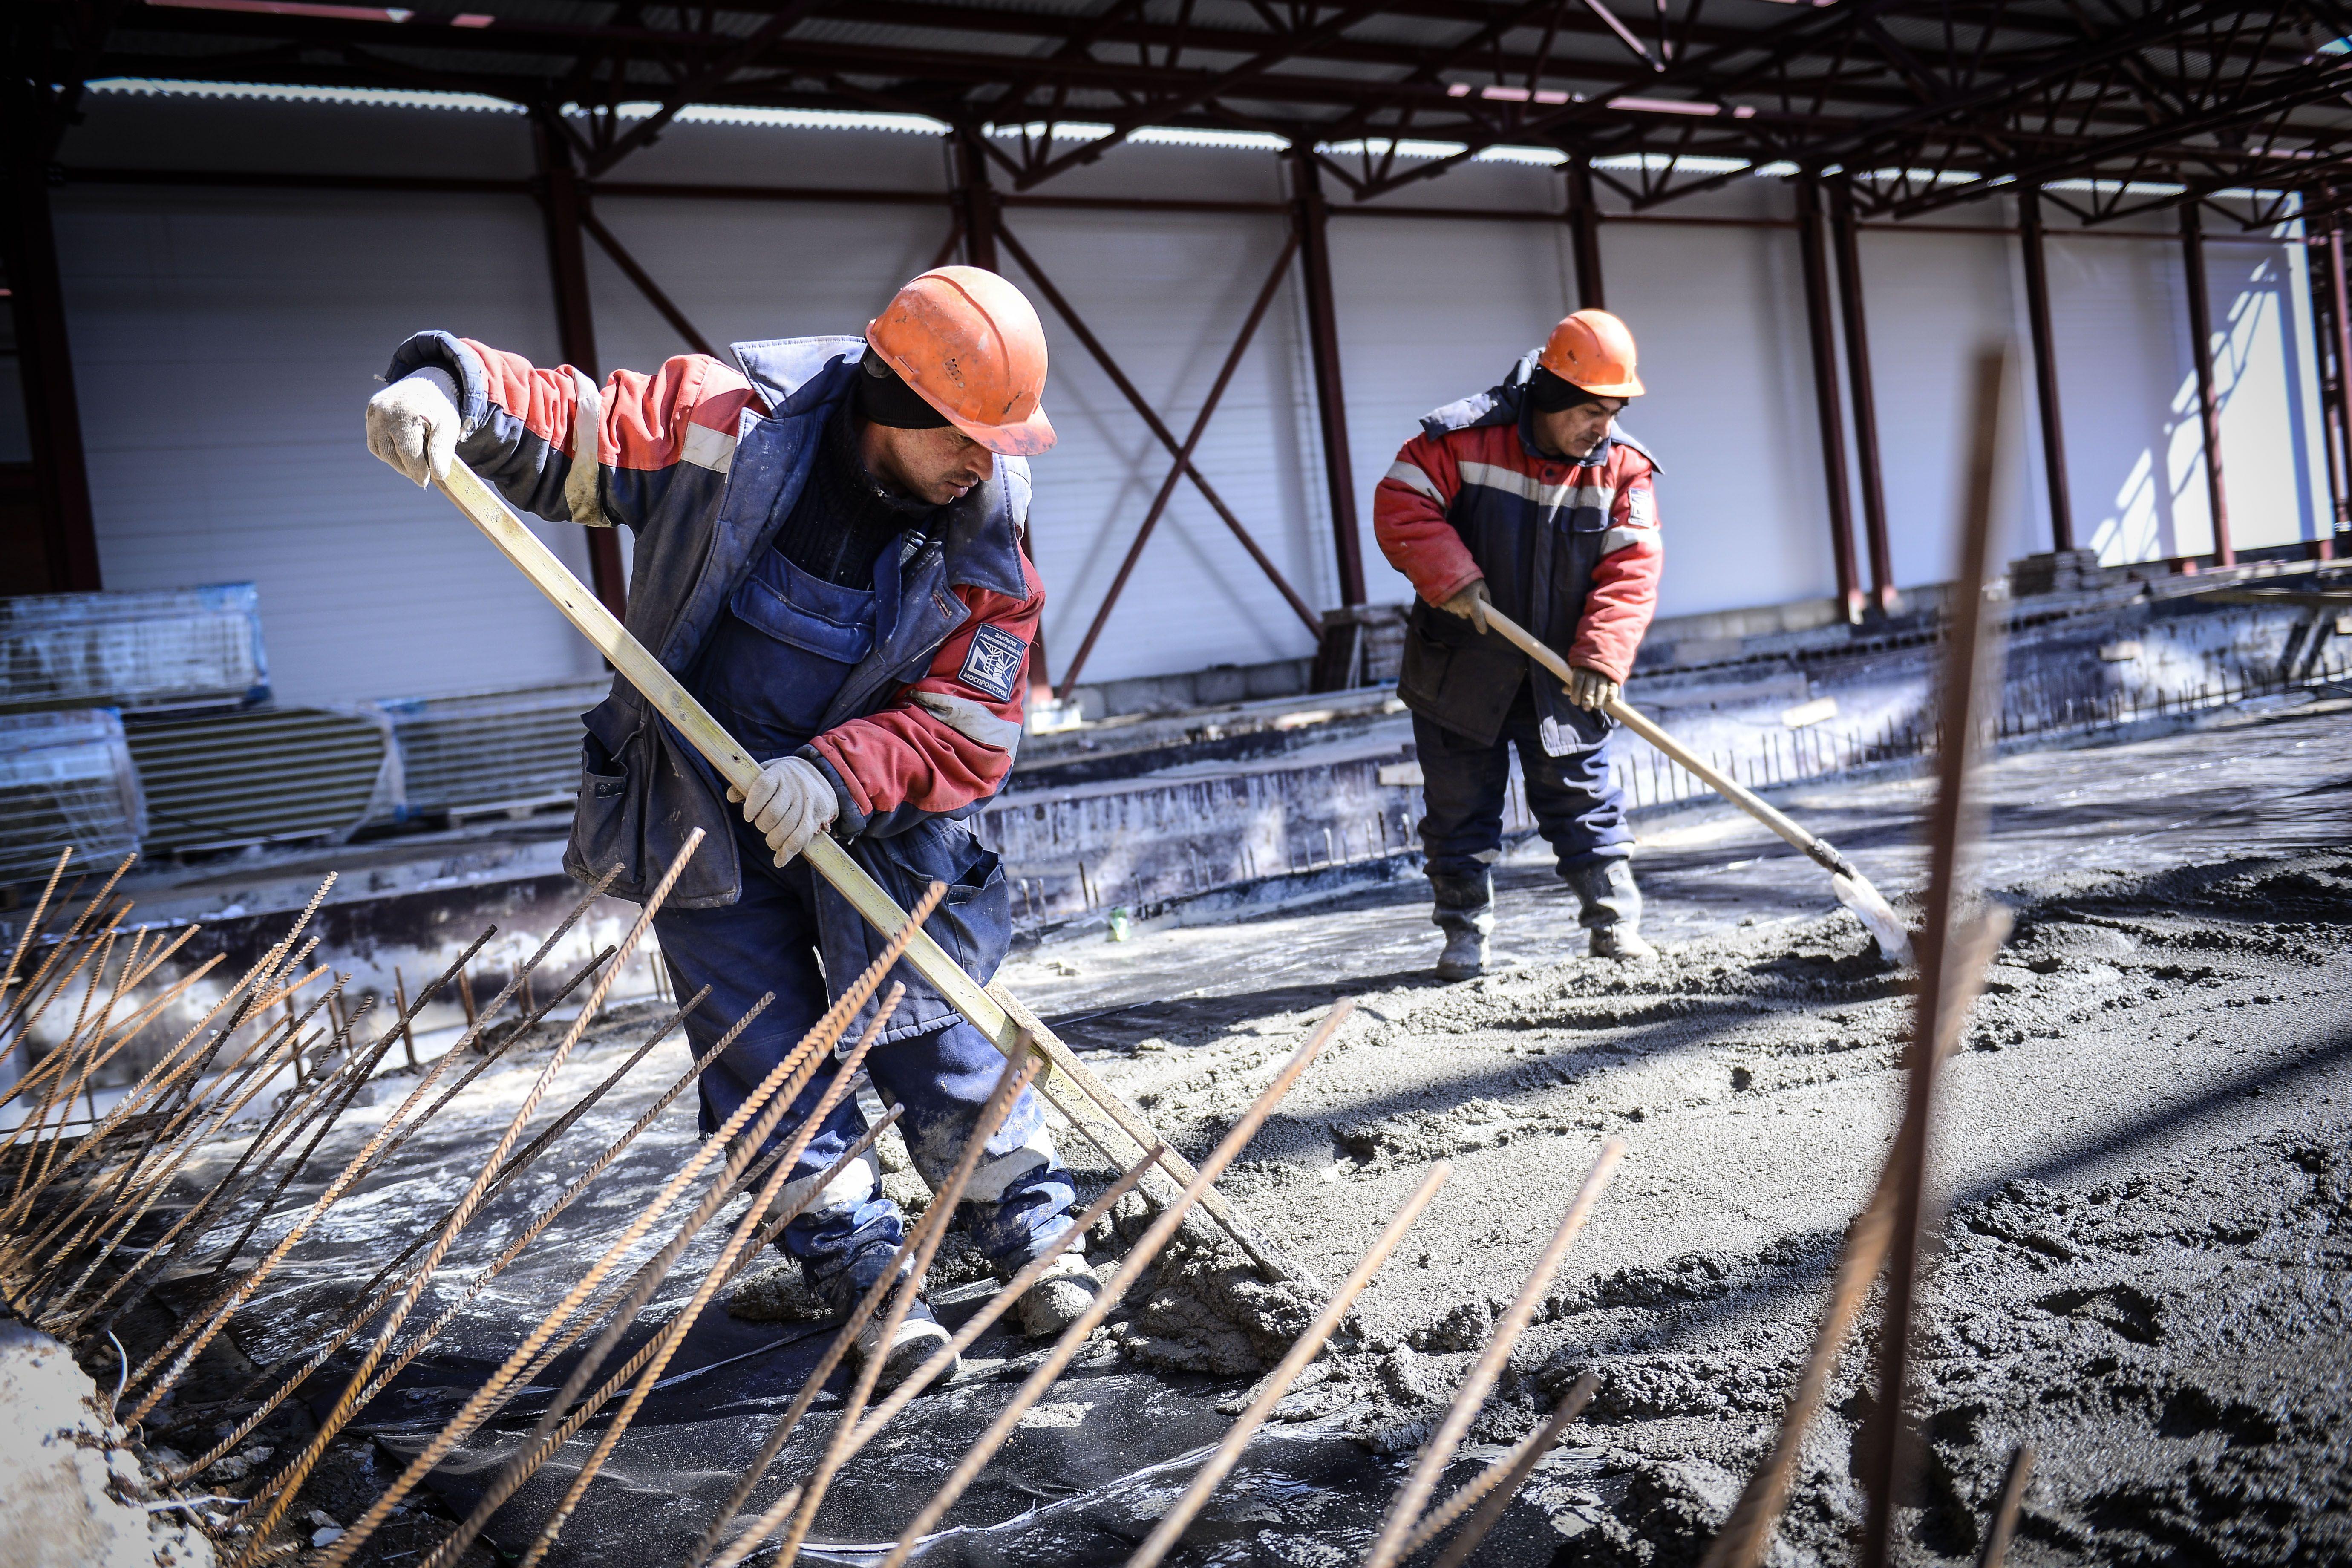 Строительство метромоста между станциями «Пыхтино» и «Внуково» началось в Москве